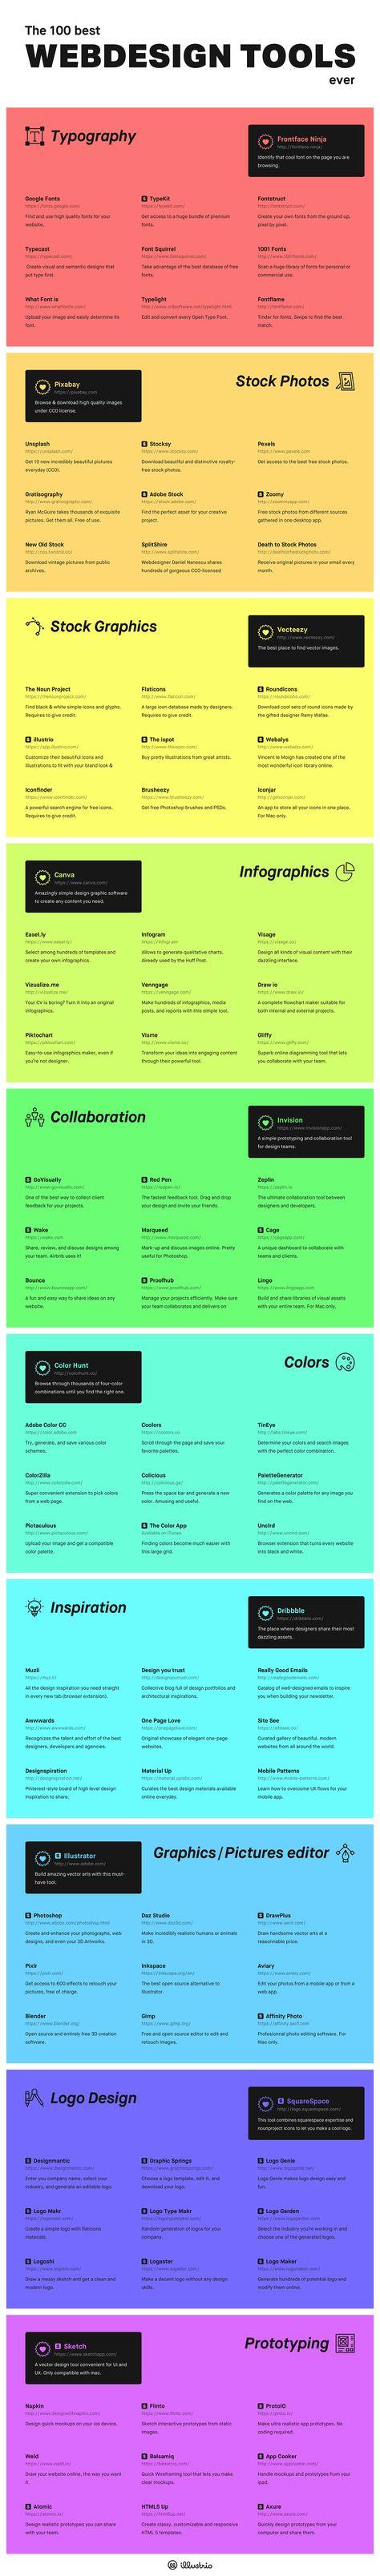 Les webdesignersvont adorer : infographie 100 meilleures ressources en ligne pour les créatifs.